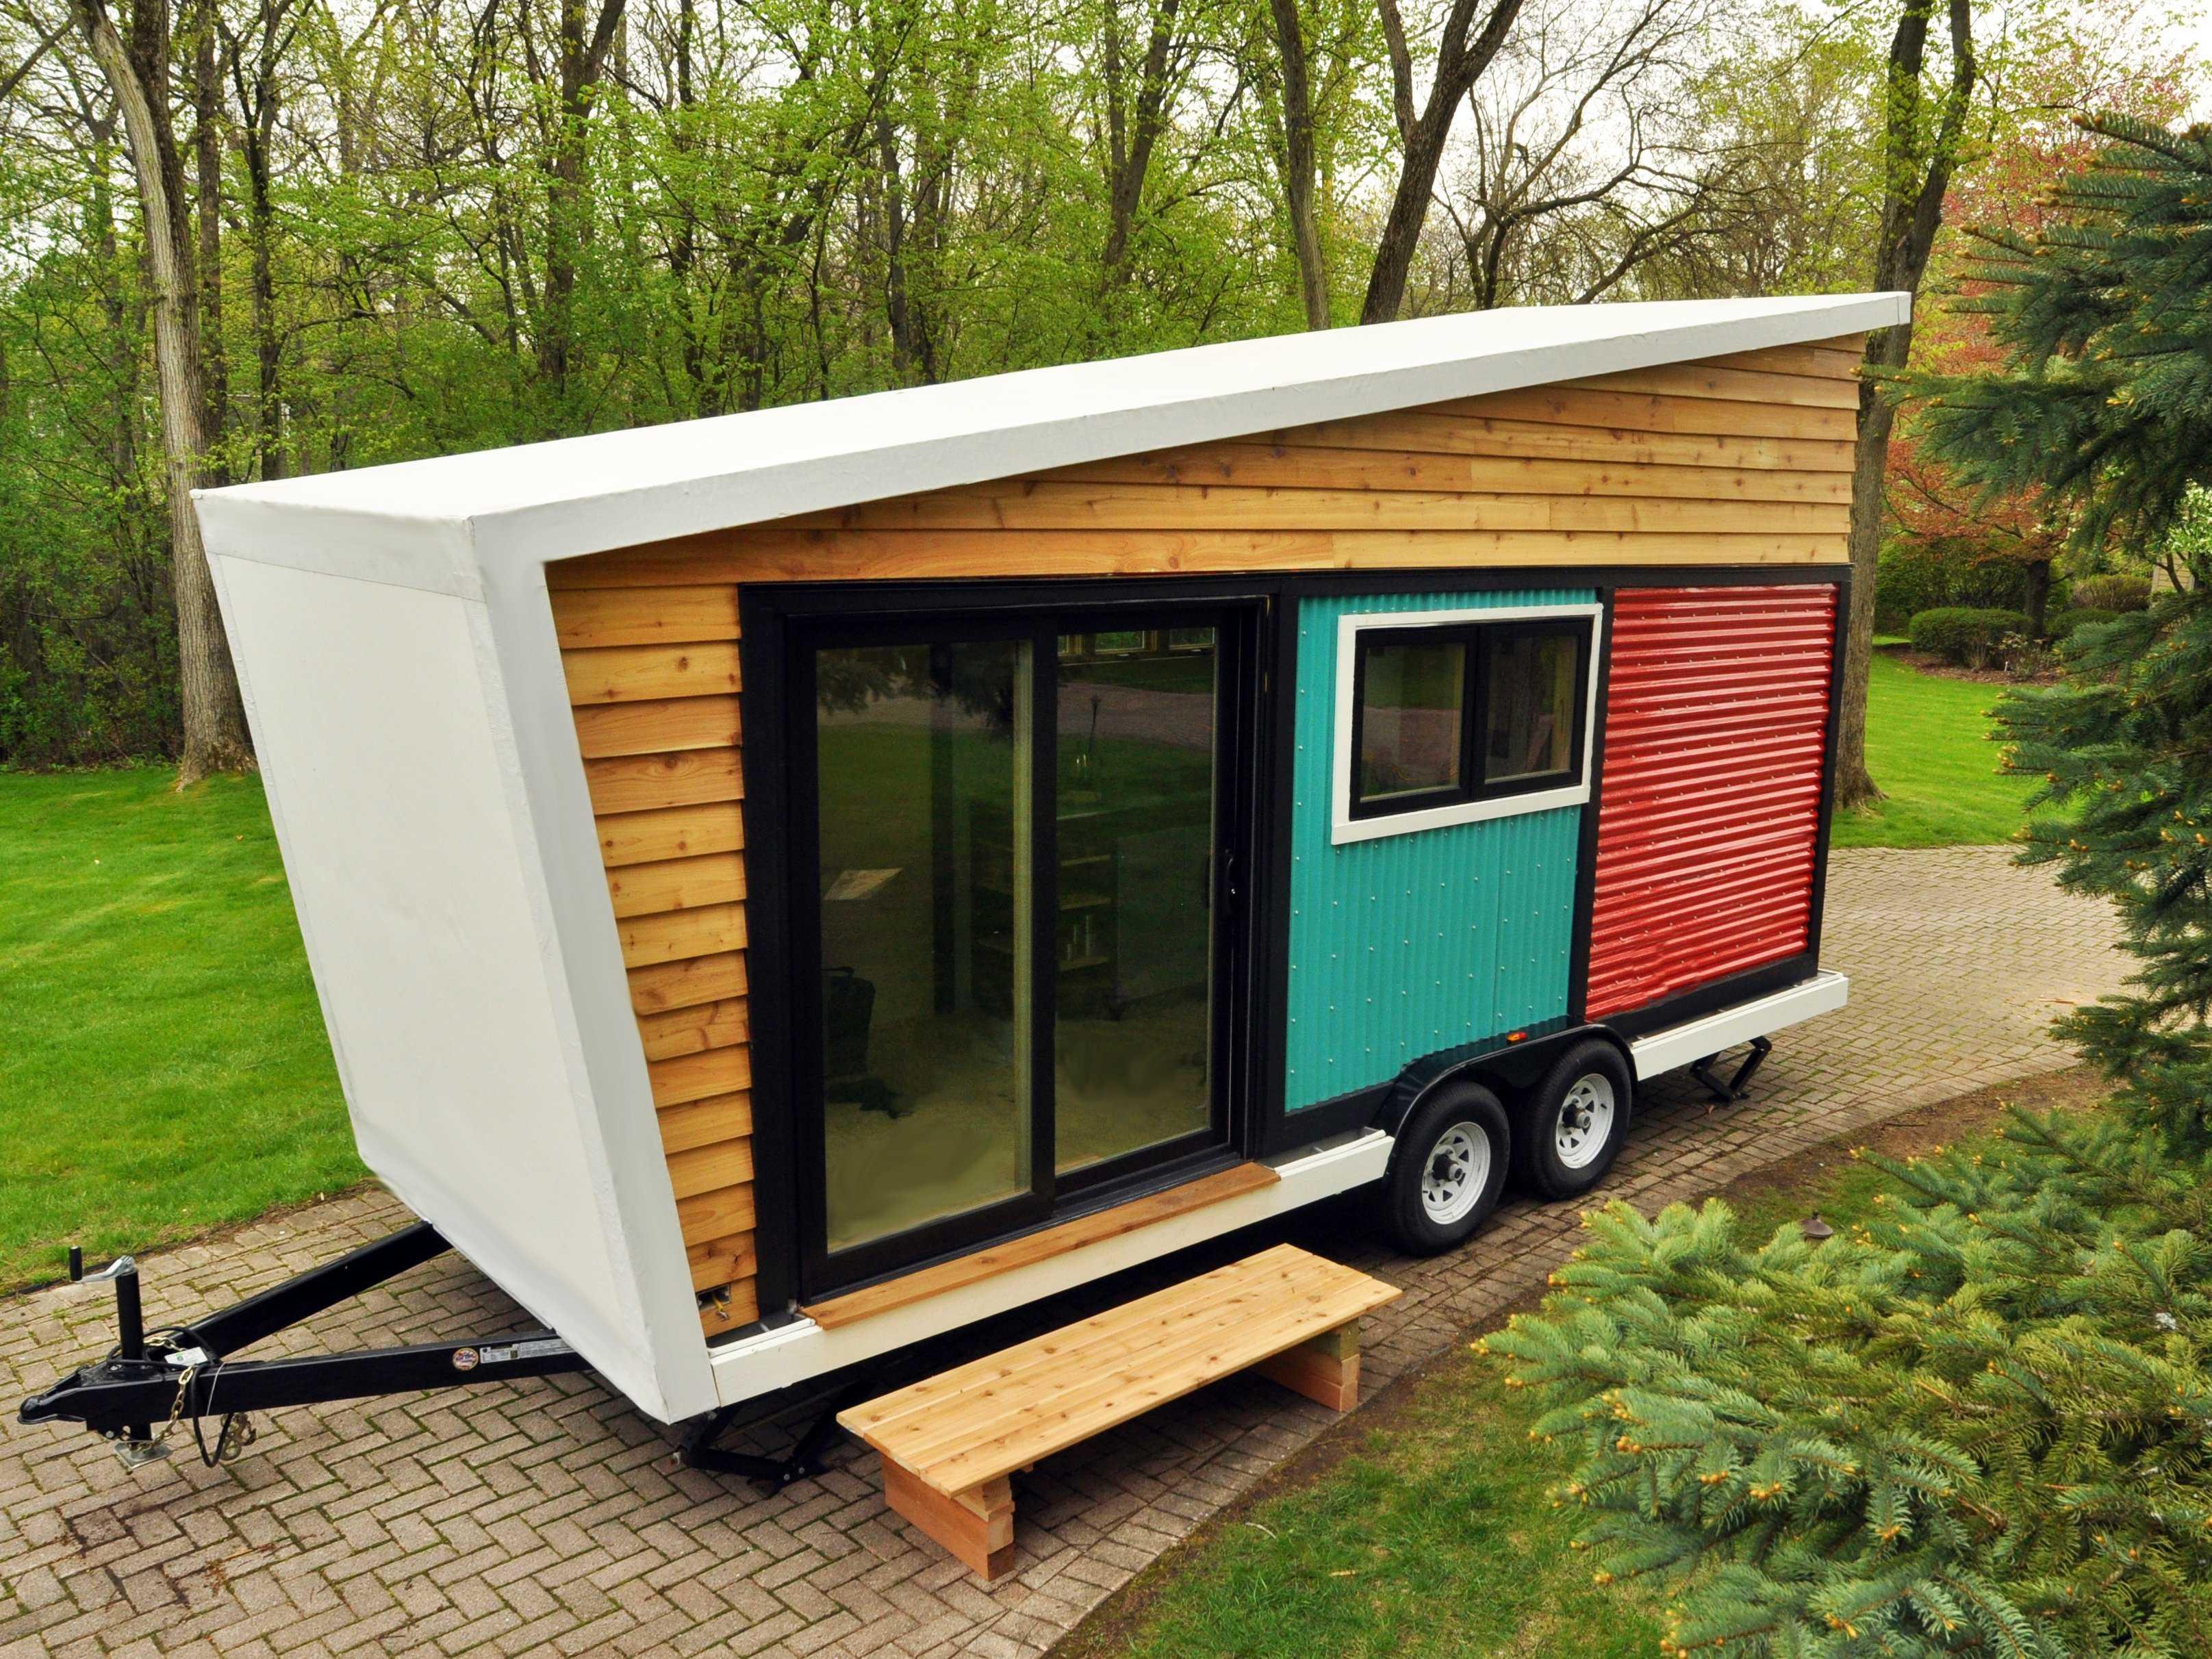 La piccola casa mobile che nasconde interni da sogno - Tiny house interni ...